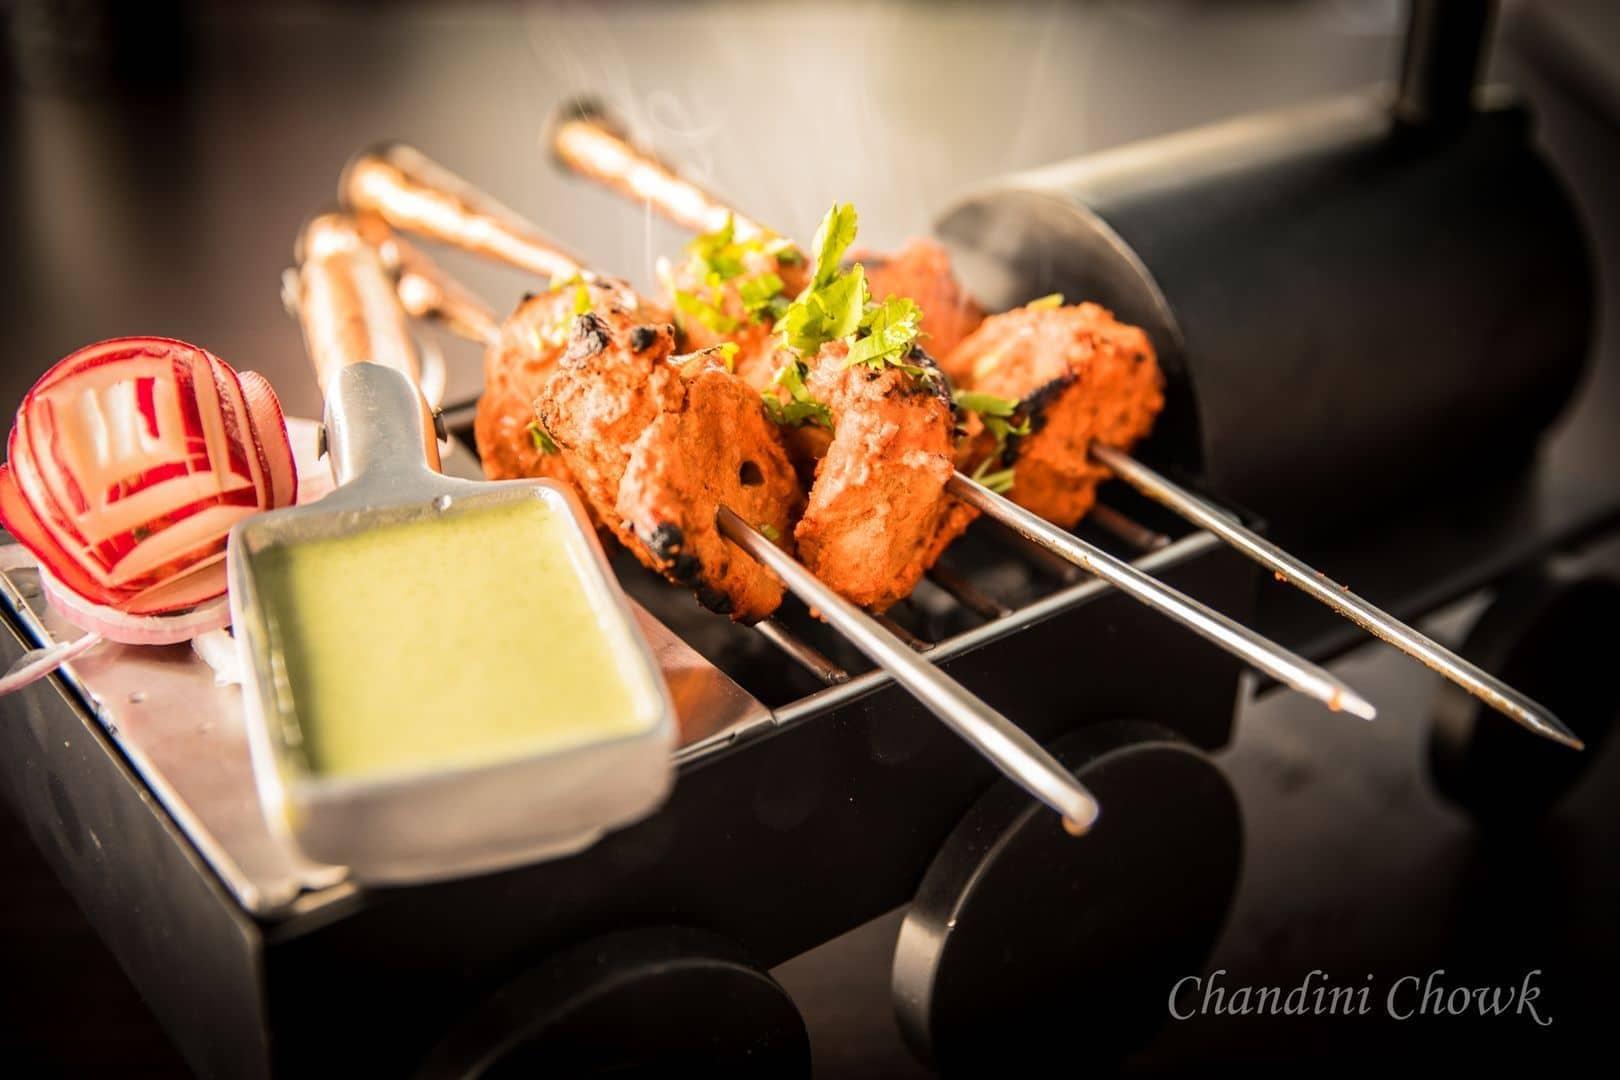 Chandini Chowk image